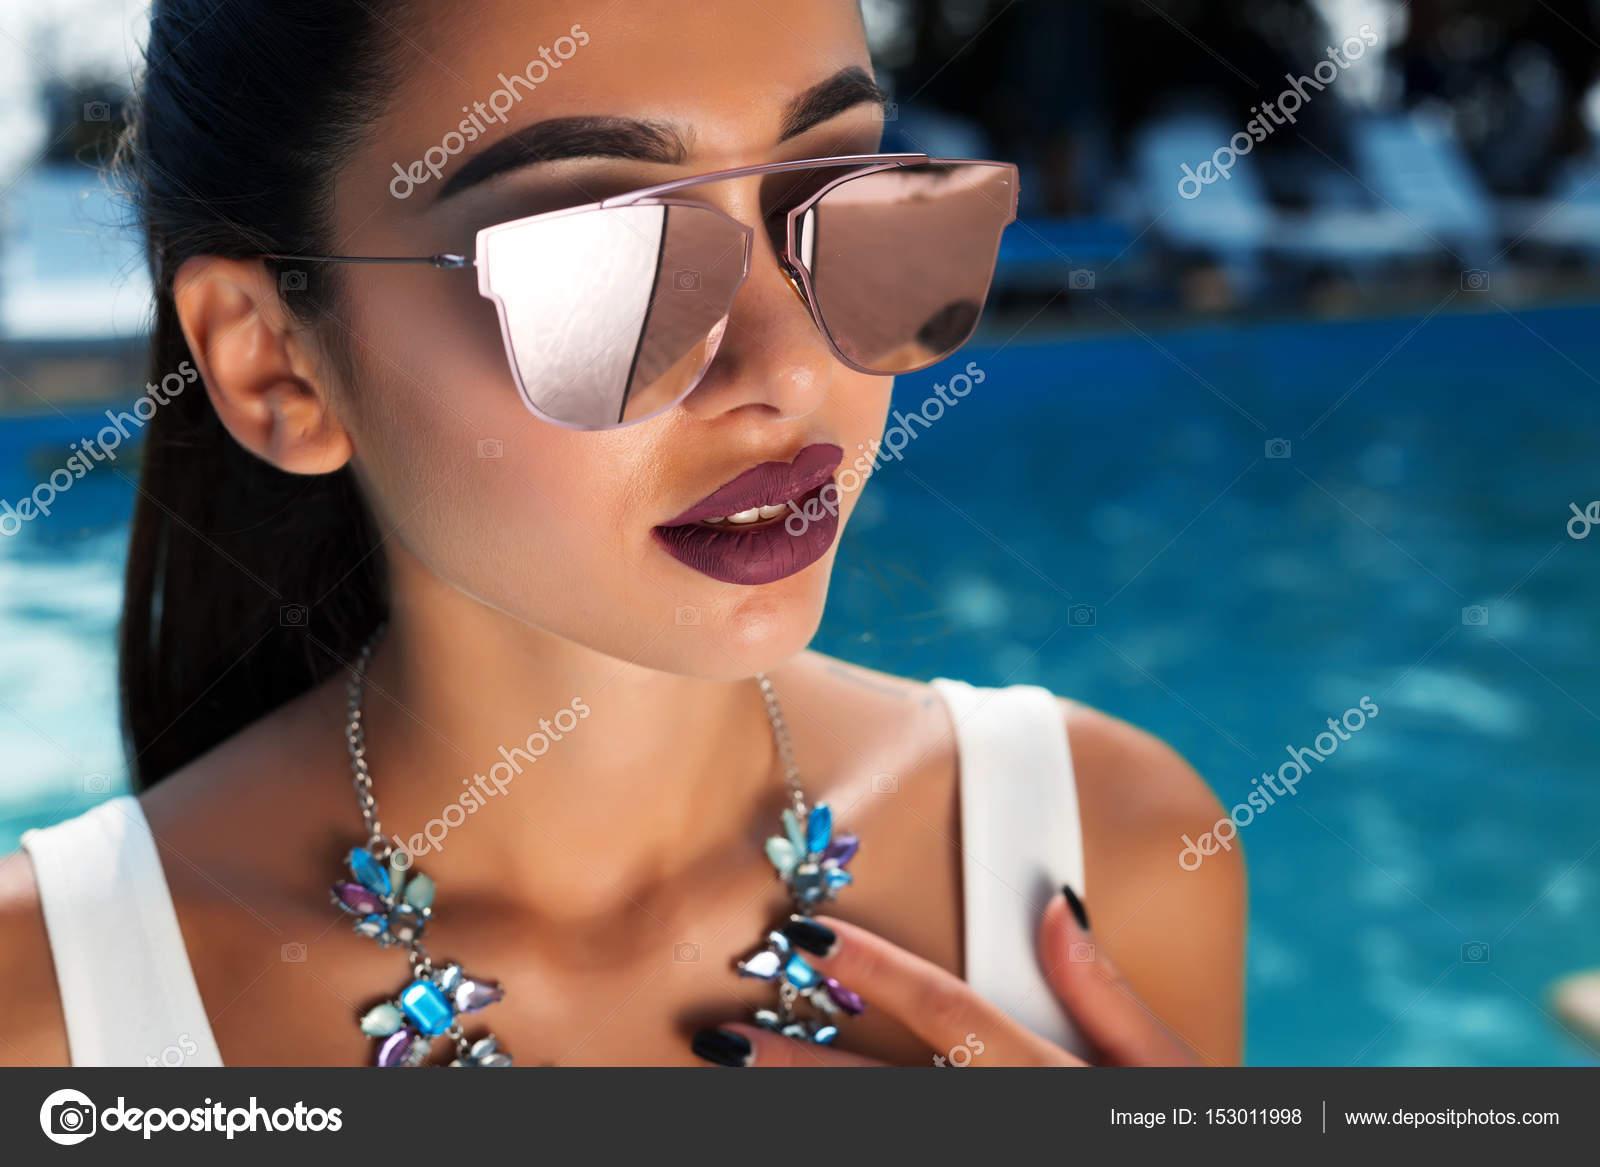 f9968444c8666 Moda verão fechar retrato da bela mulher sexy moda praia elegante branca e  óculos de sol espelhados com colar perfeito e penteado no fundo da piscina  ...